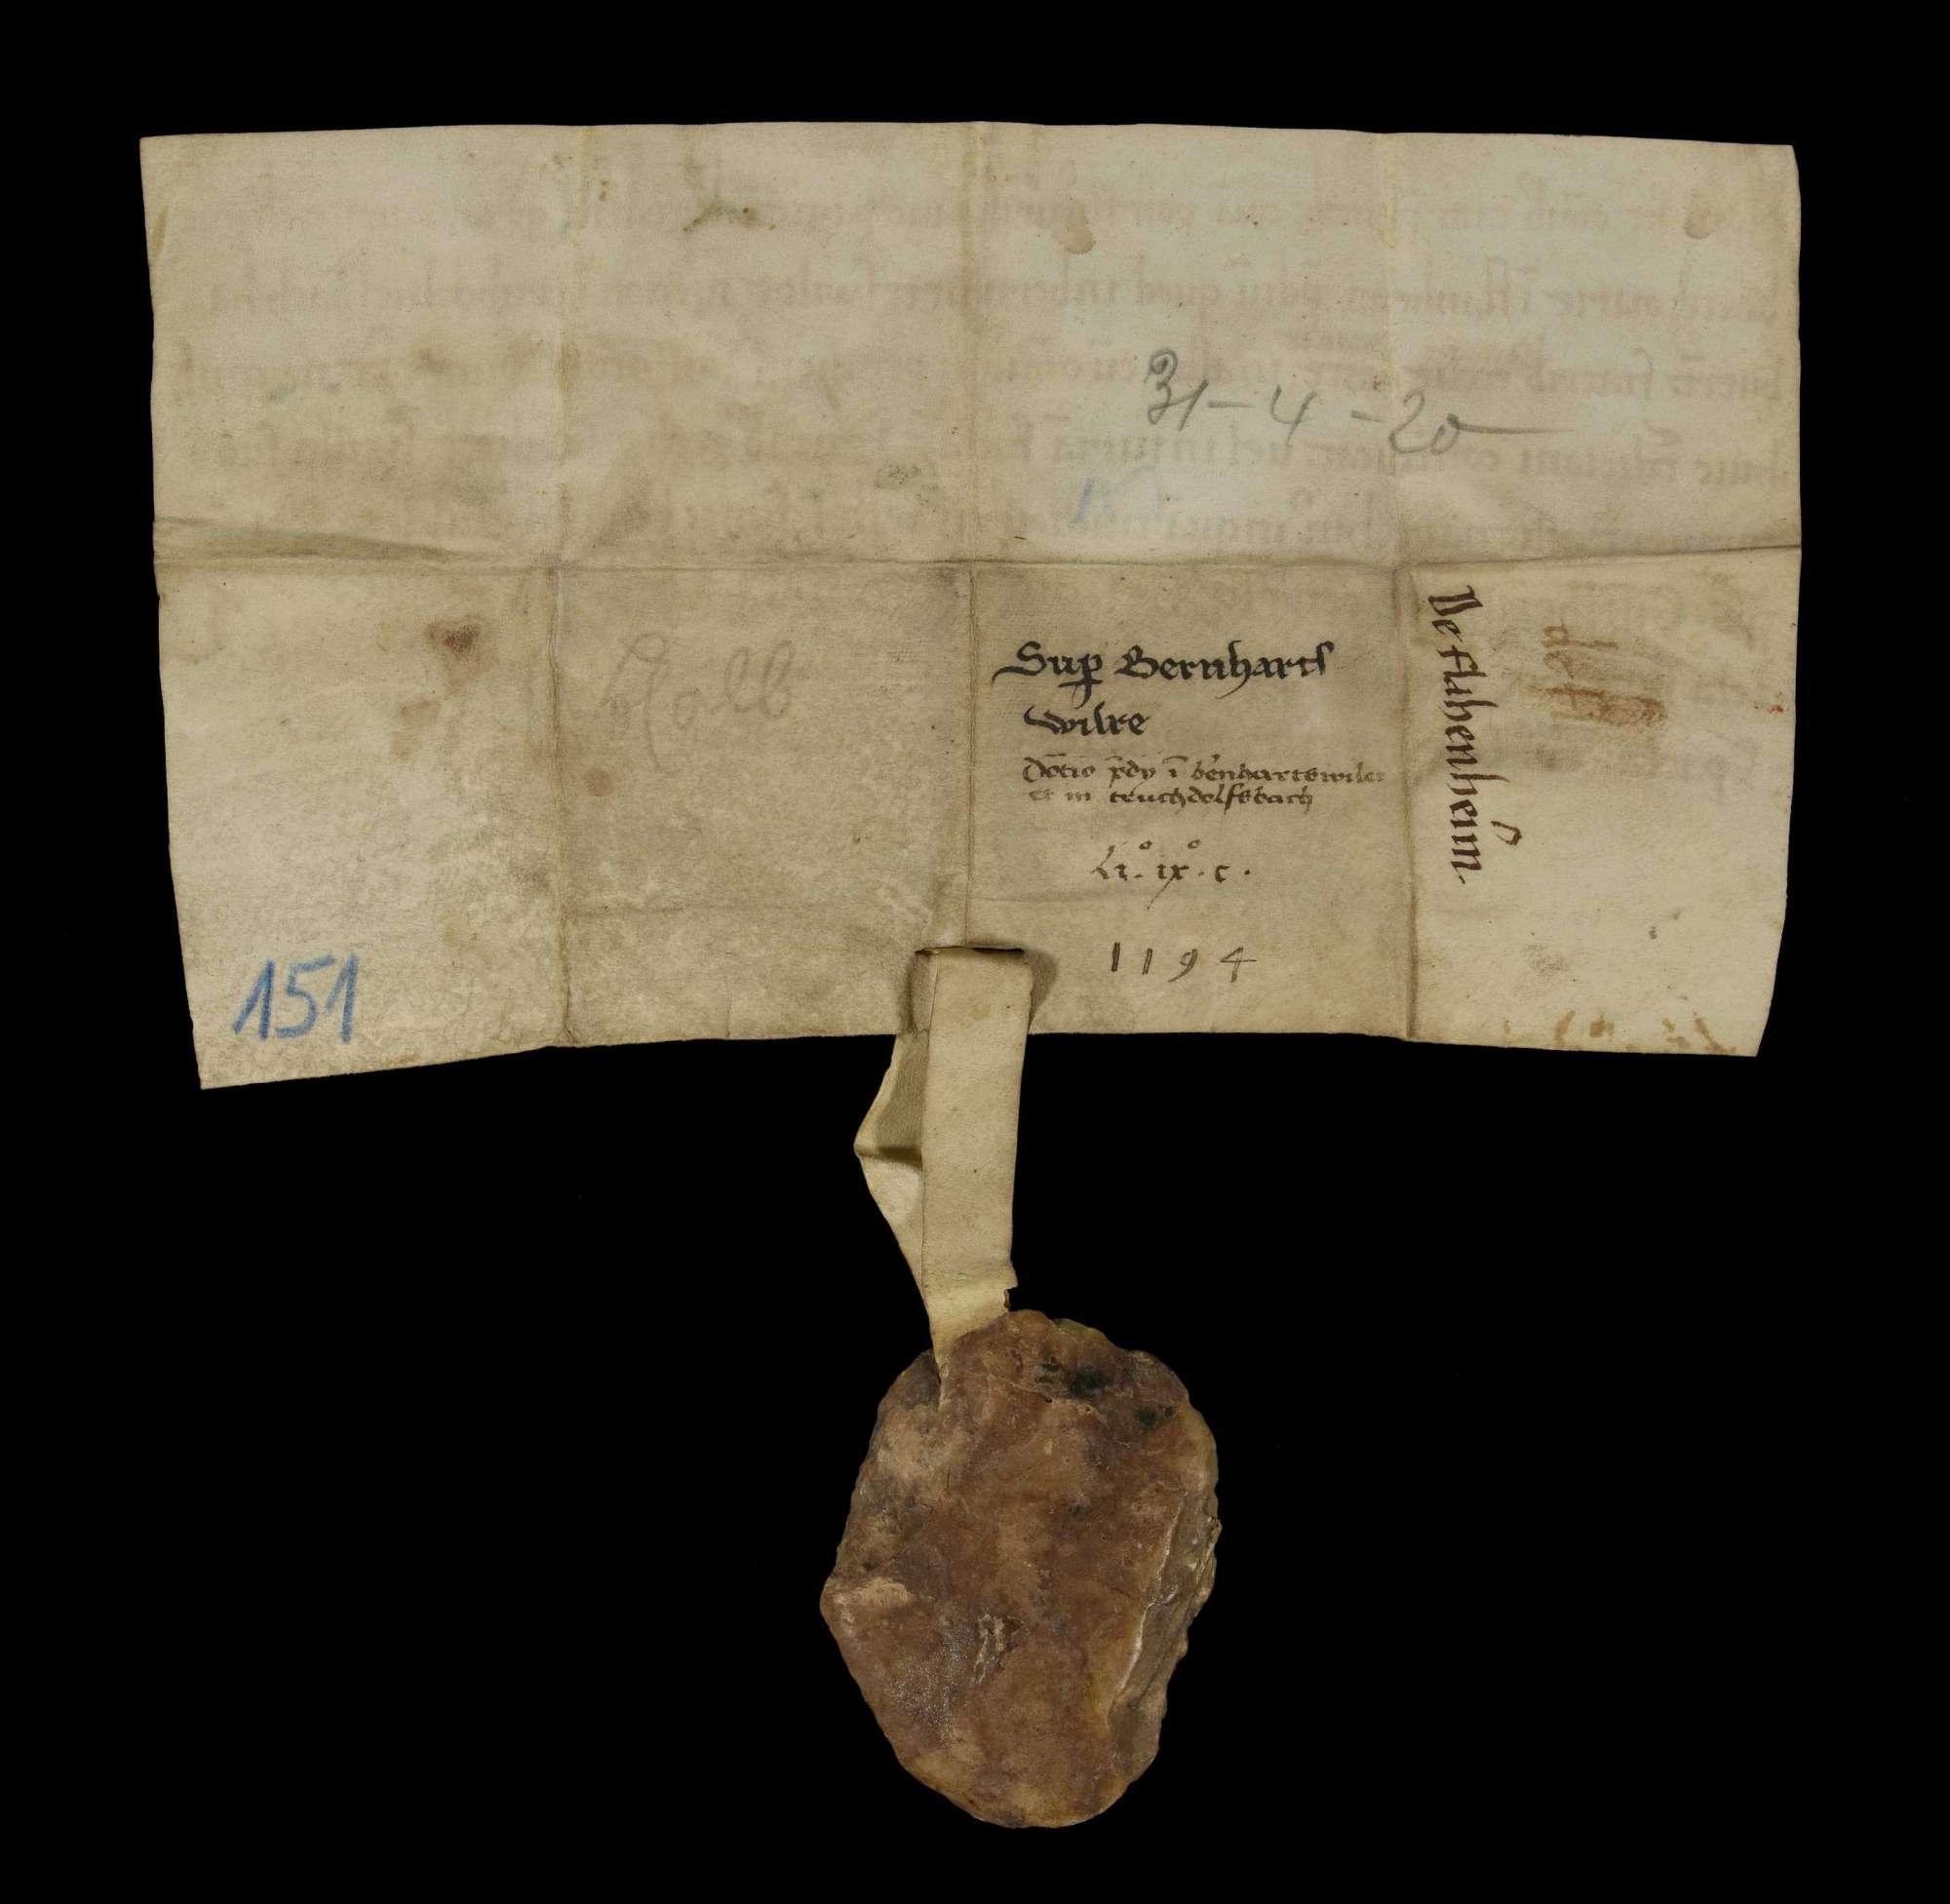 Das Stift Flonheim überlässt ein Gut in Bernhardsweiler und Truhdolvesbach an das Kloster Herrenalb., v